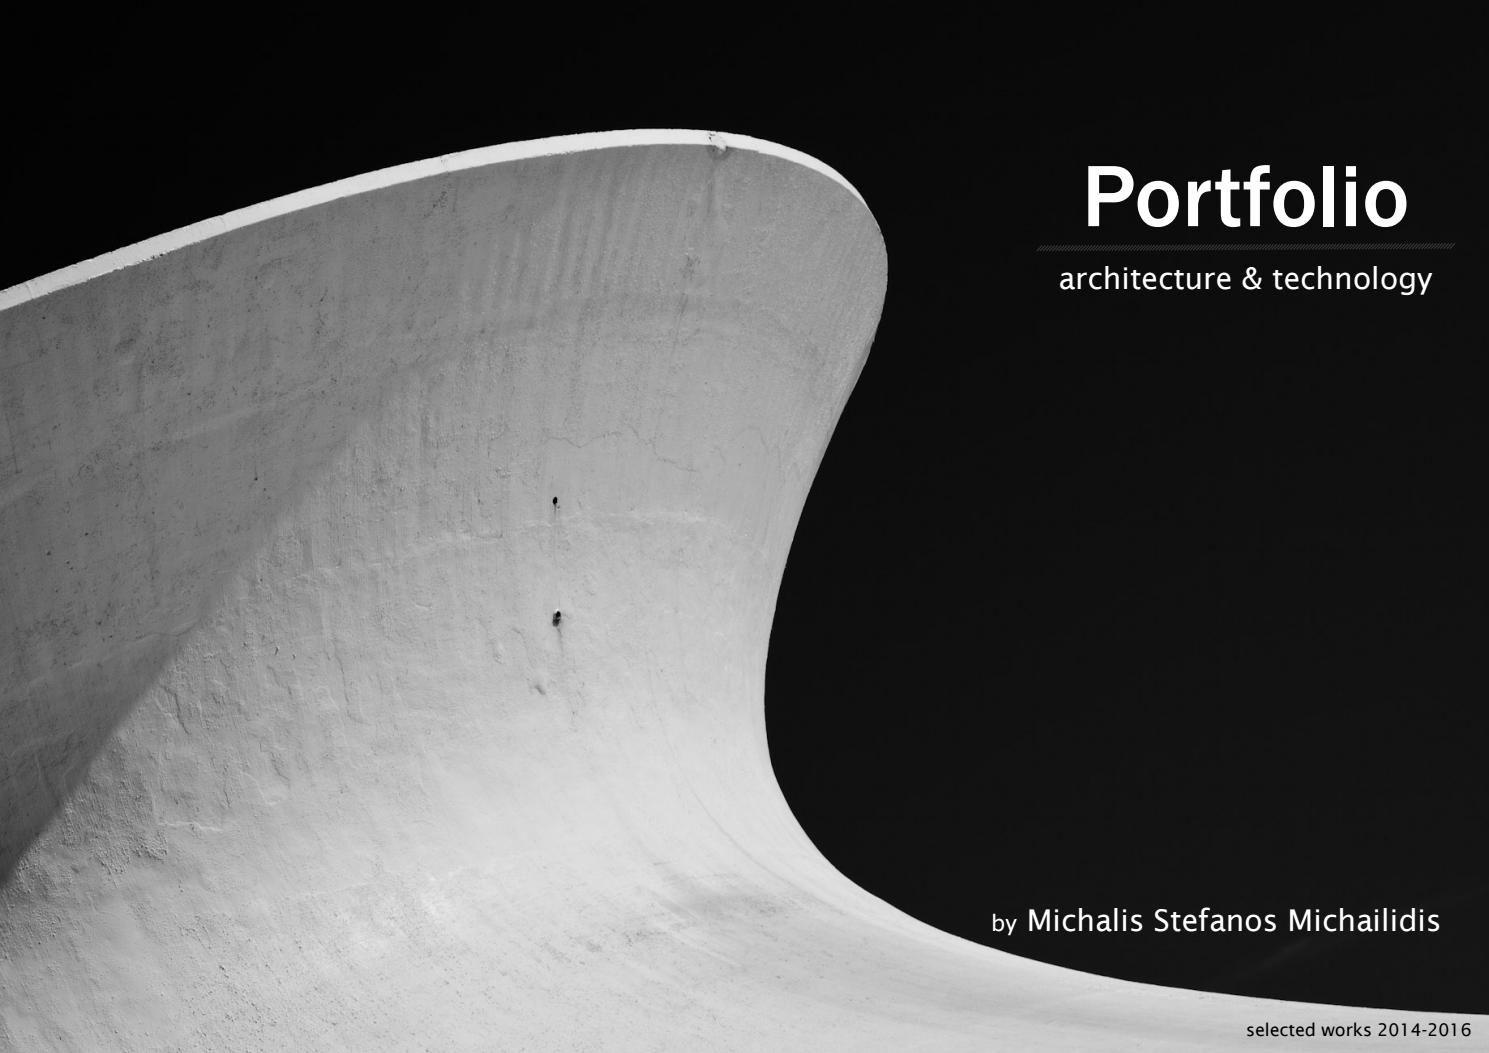 Architecture & technology portfolio Portfolio